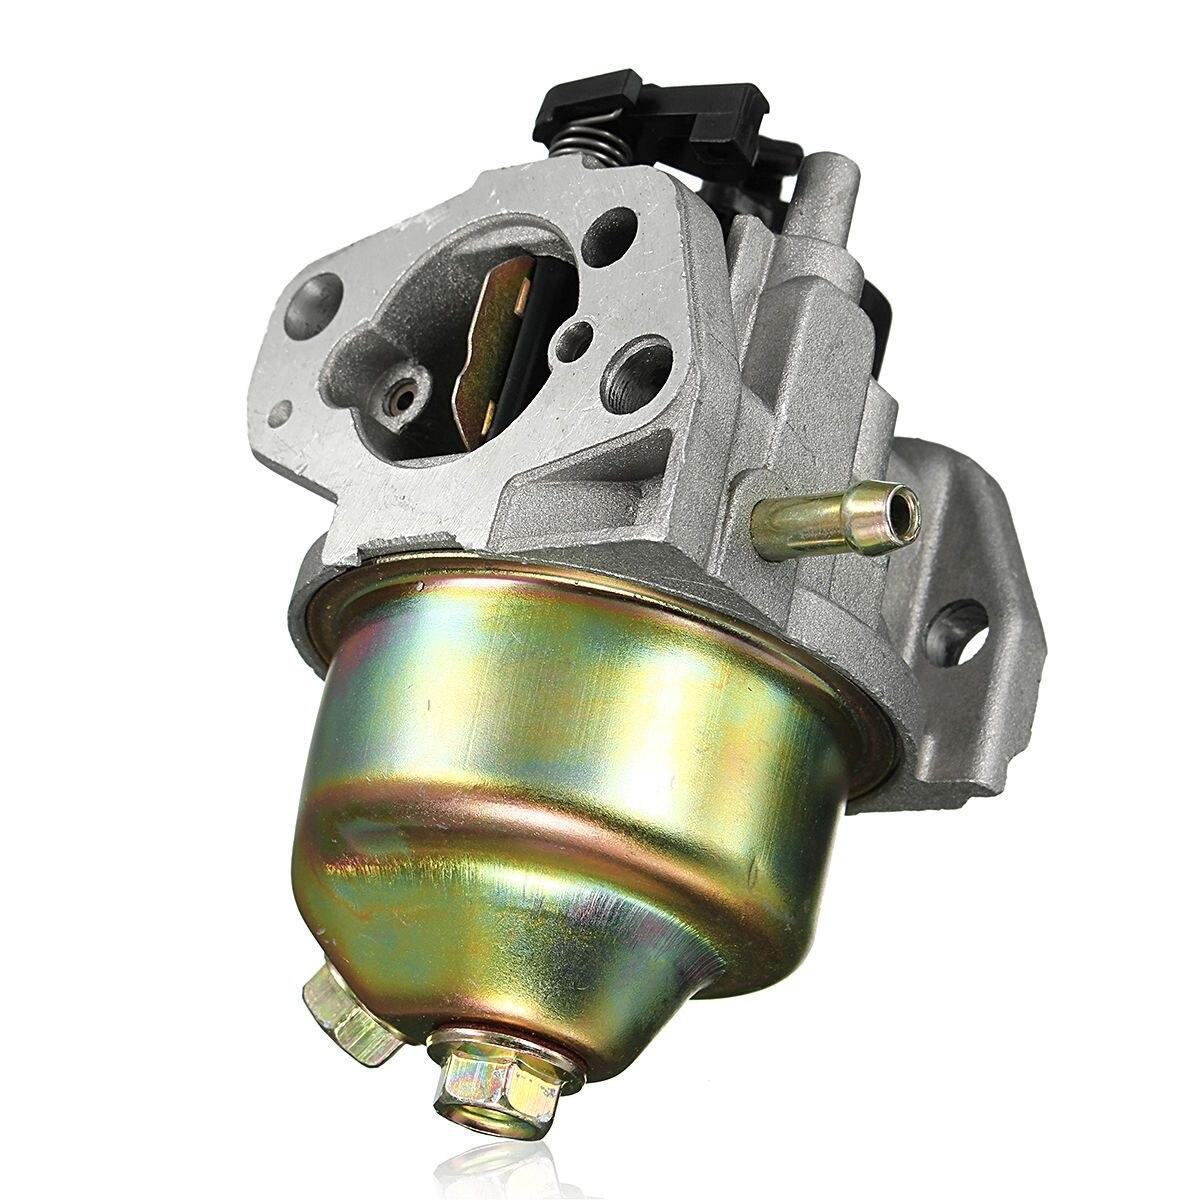 Carburador de Carburador Dwz para o Número da Peça Motor Carburador Novo 751-10309 & 951-10309 Mtd Ohv